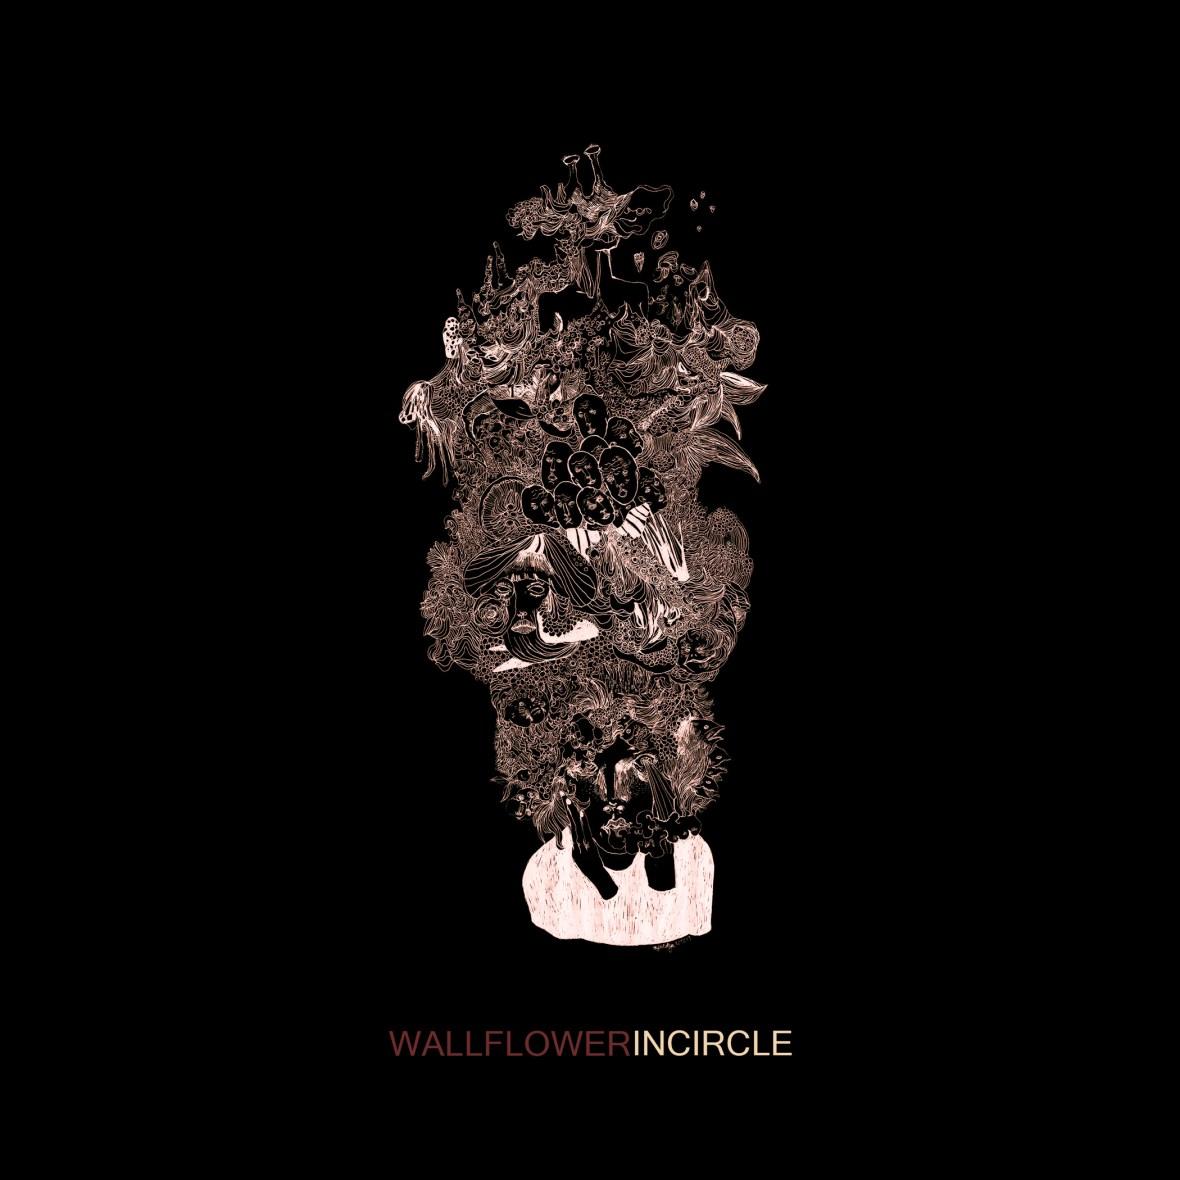 wallflower download